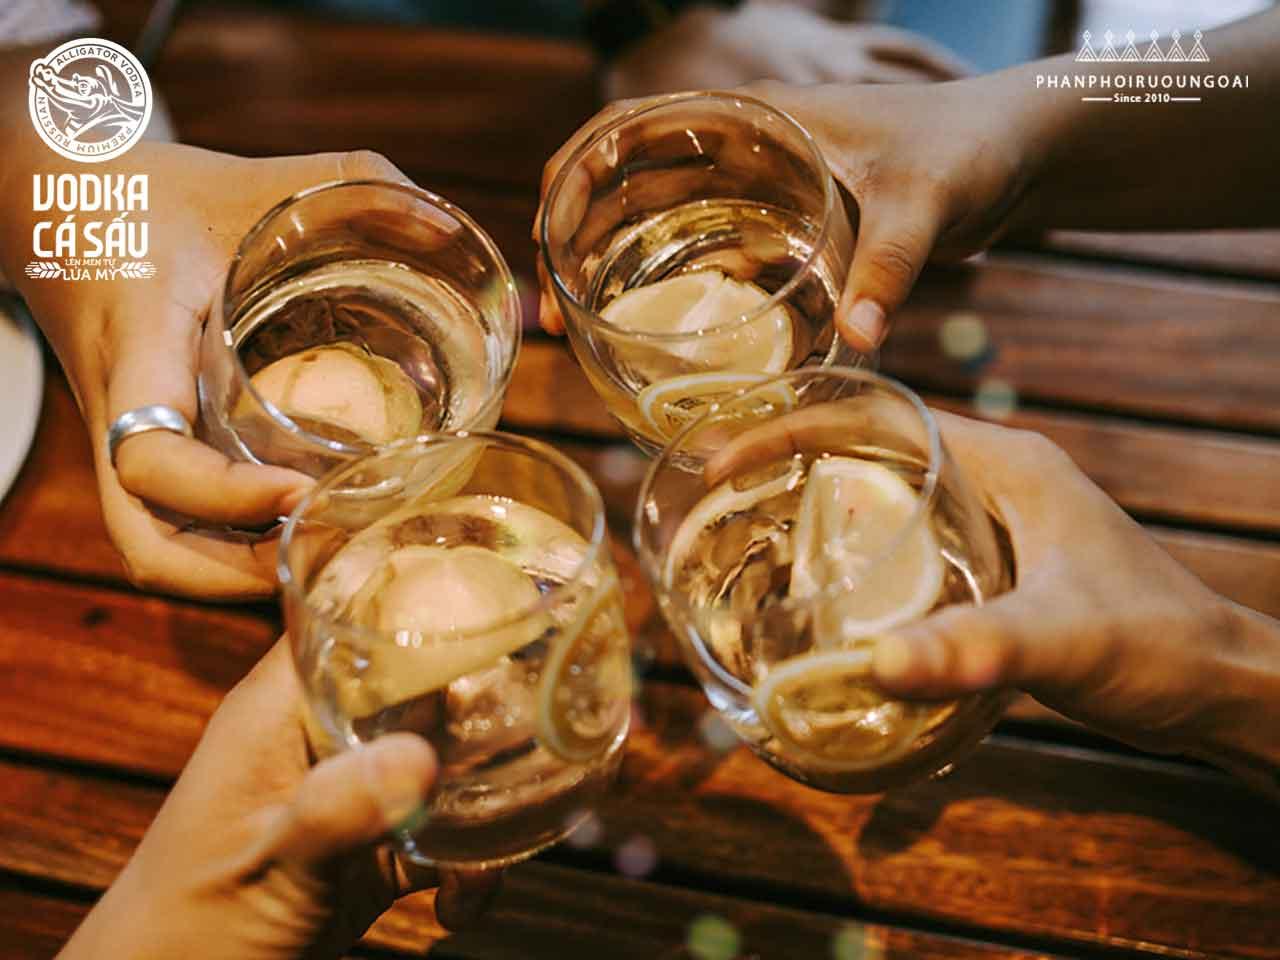 Những ly rượu cá sấu chanh bên bạn bè phá tan cái nóng của ngày hè oi ả